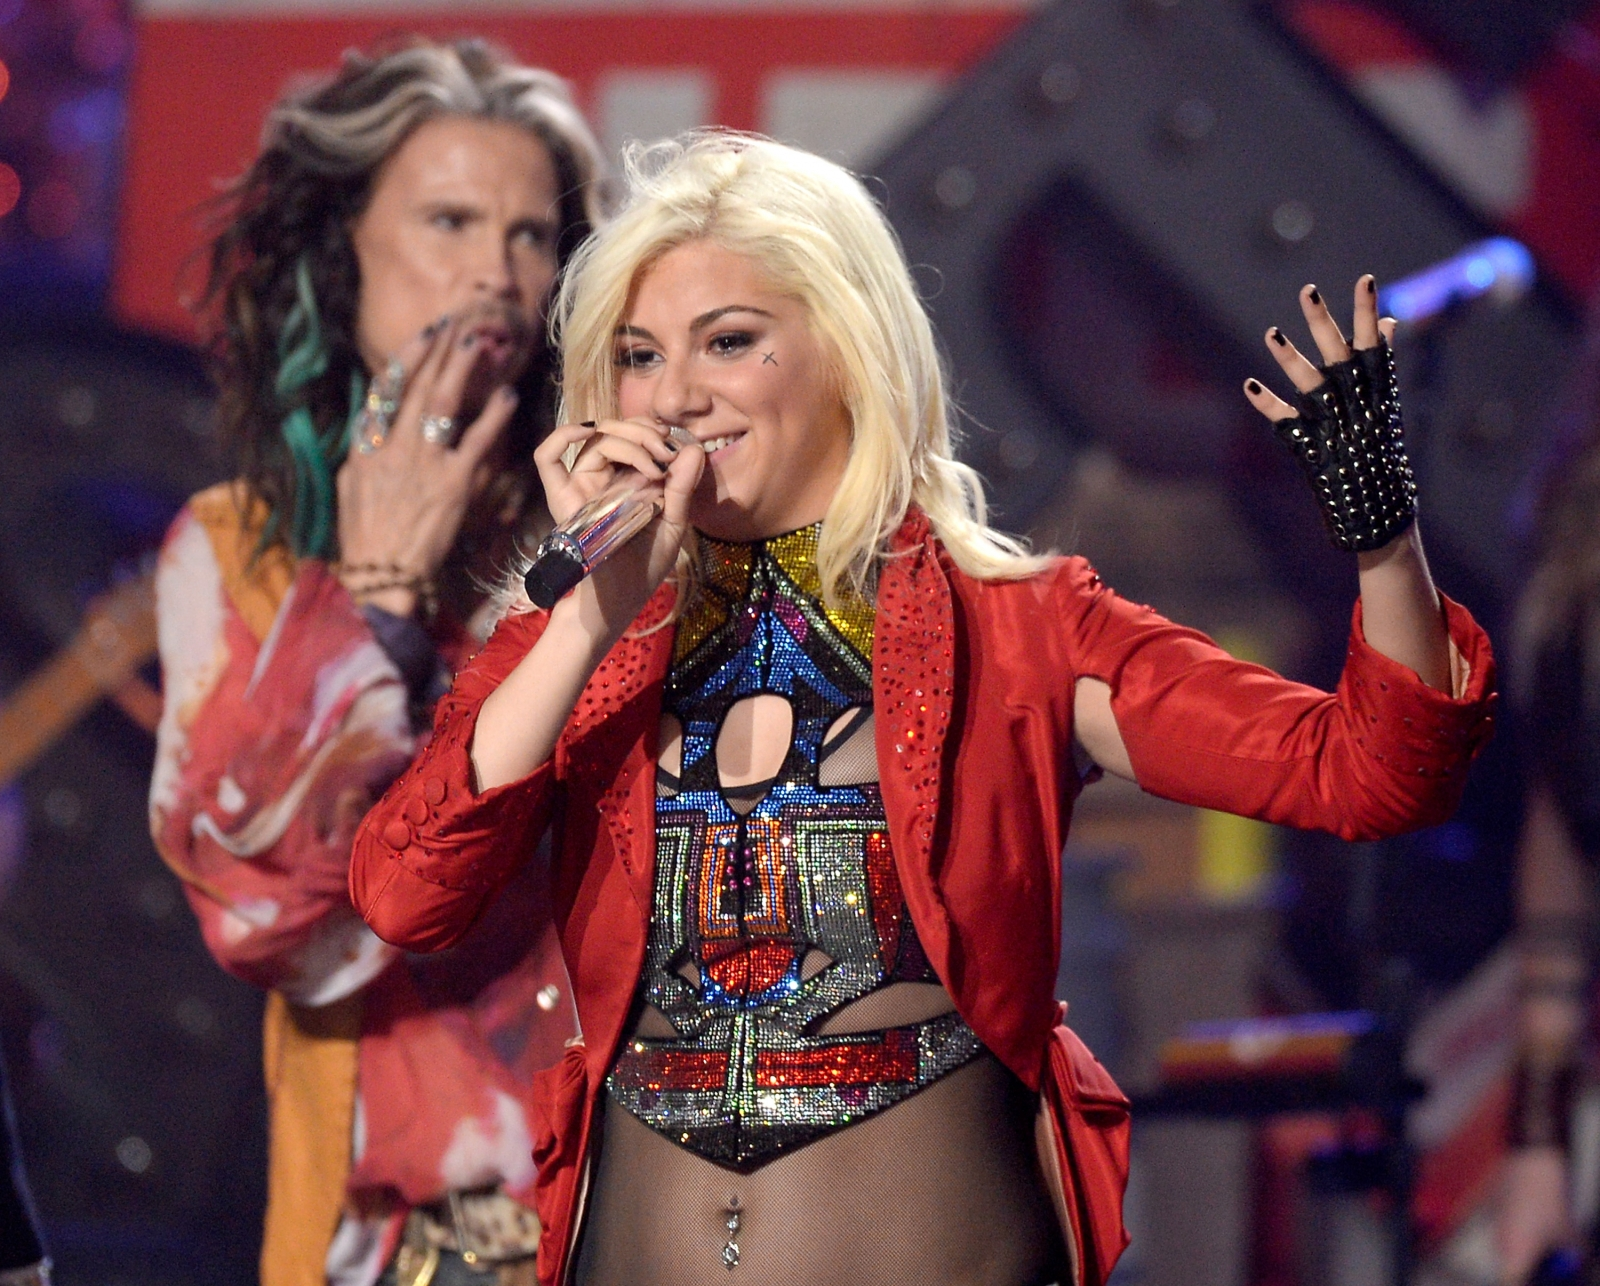 American Idol finalist Jax